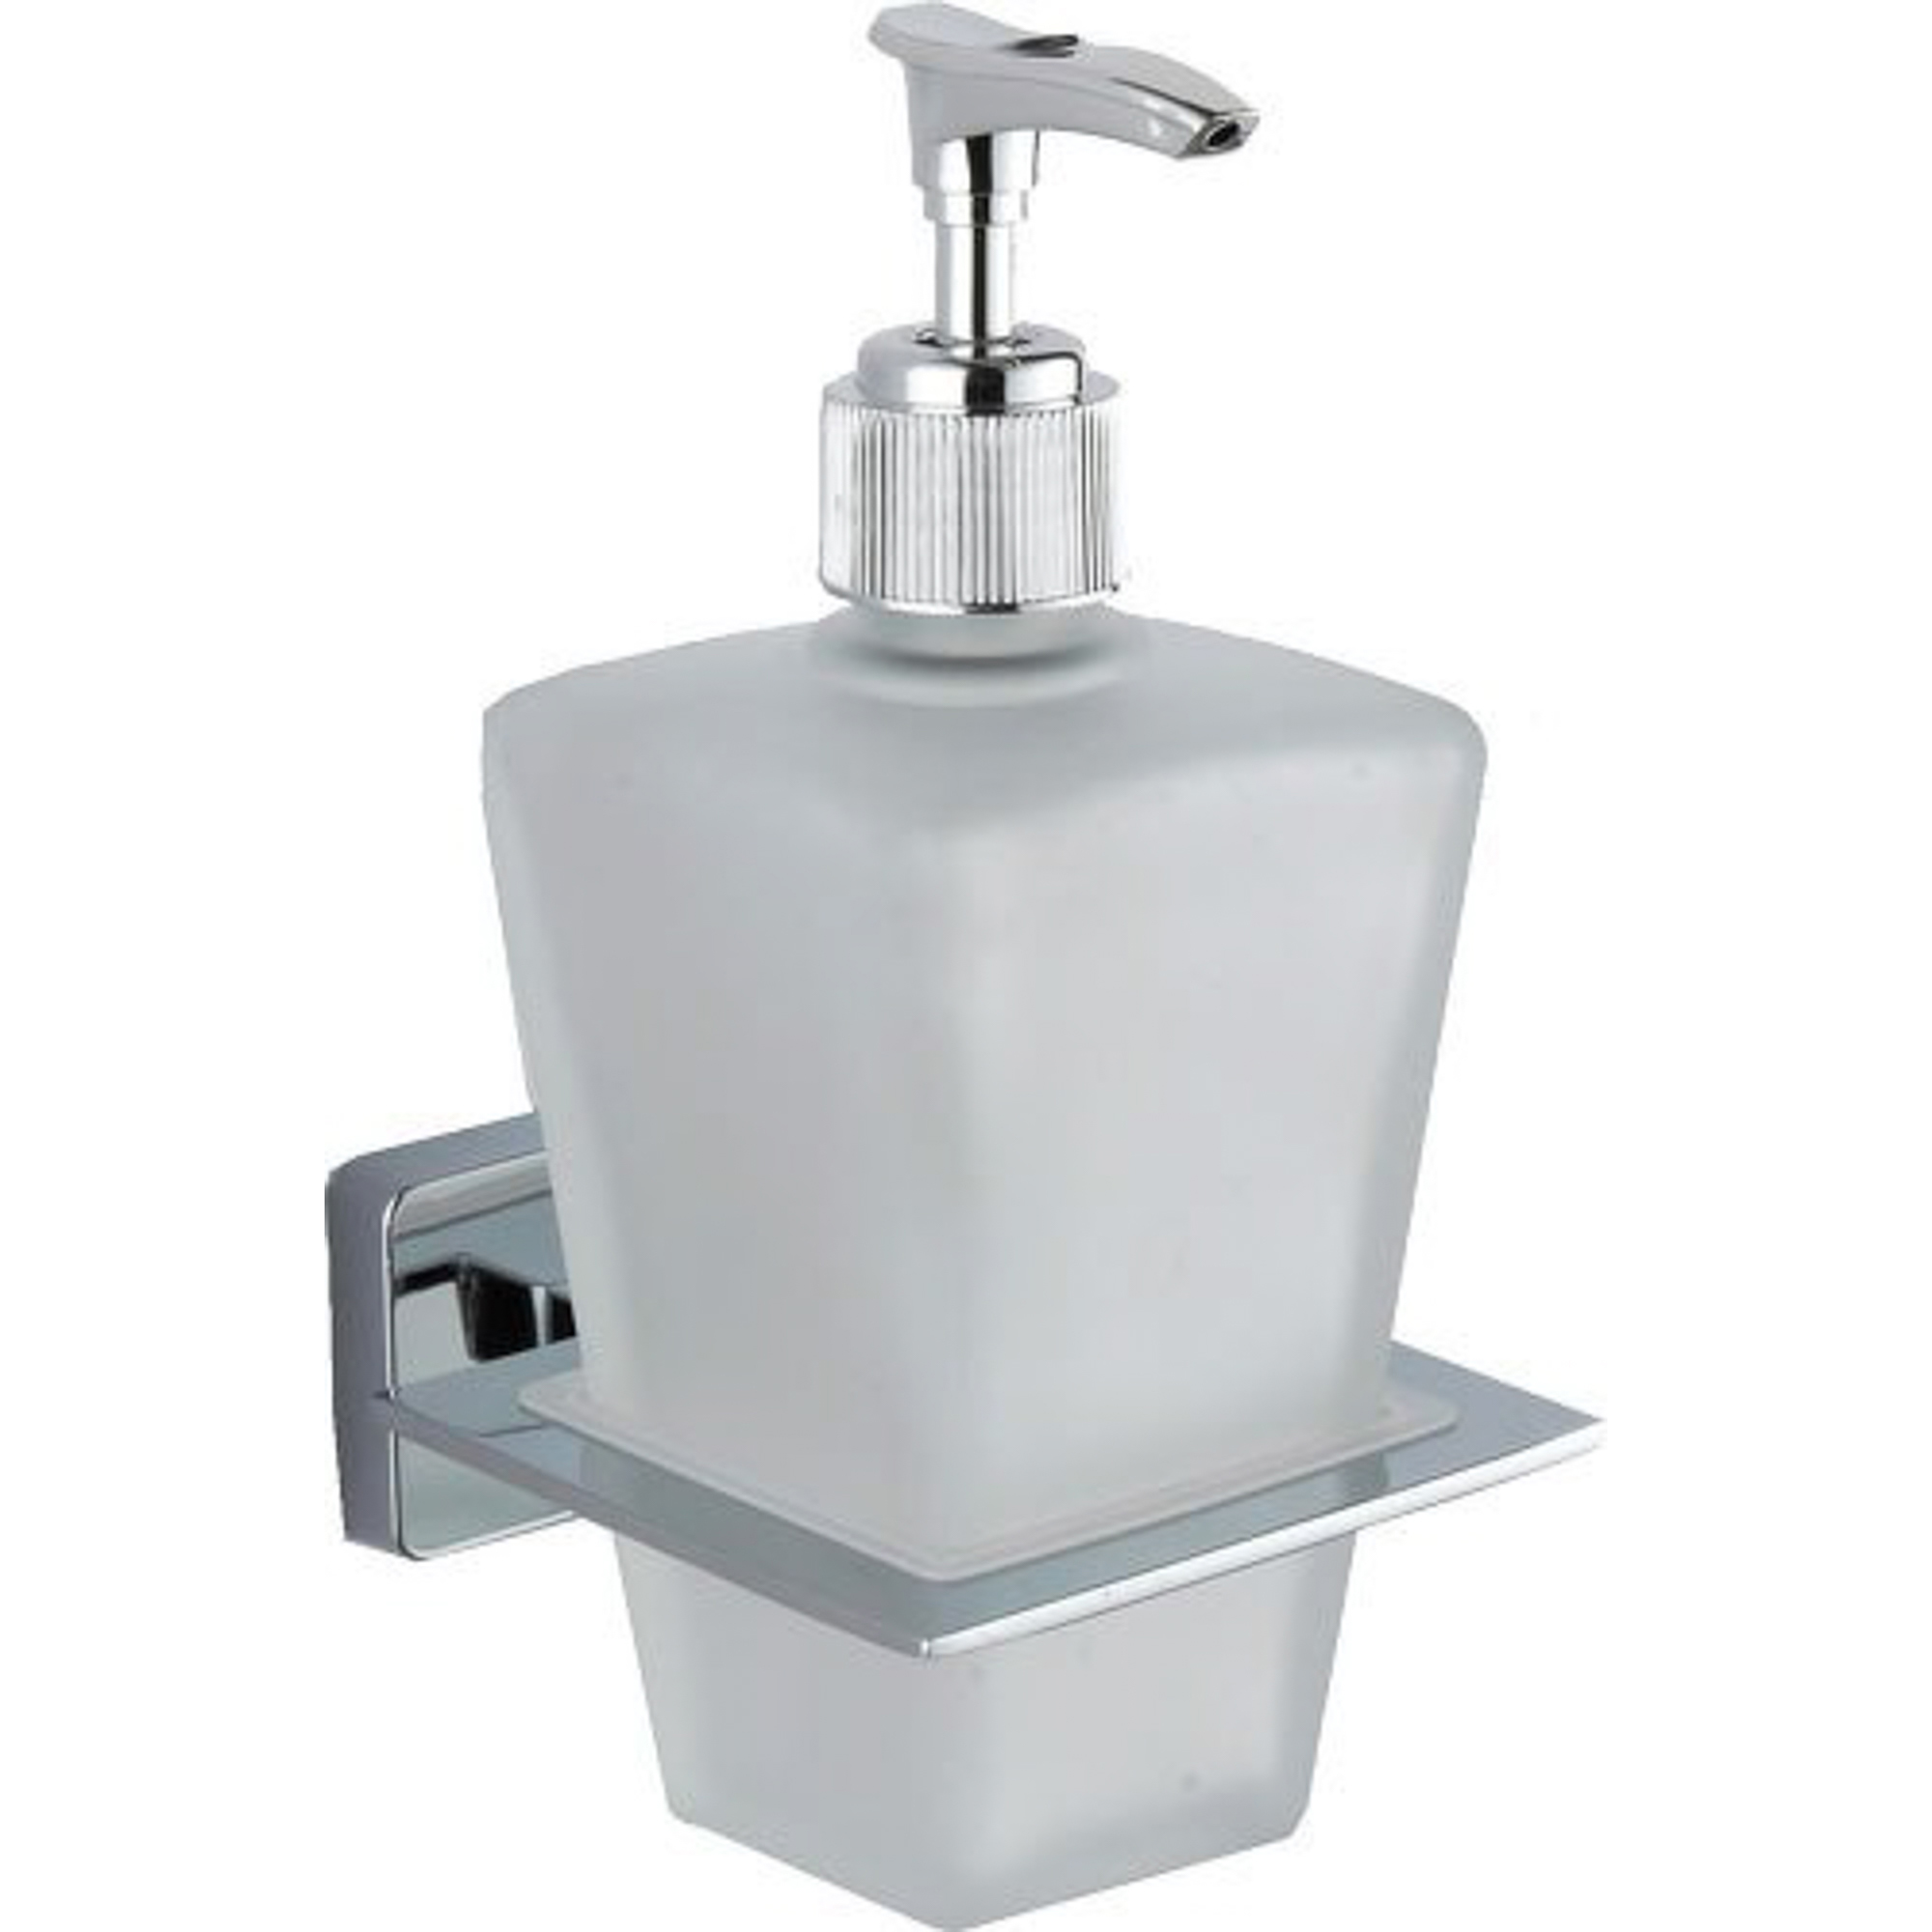 Дозатор для жидкого мыла FORA Style дозатор для жидкого мыла fora brass керамический